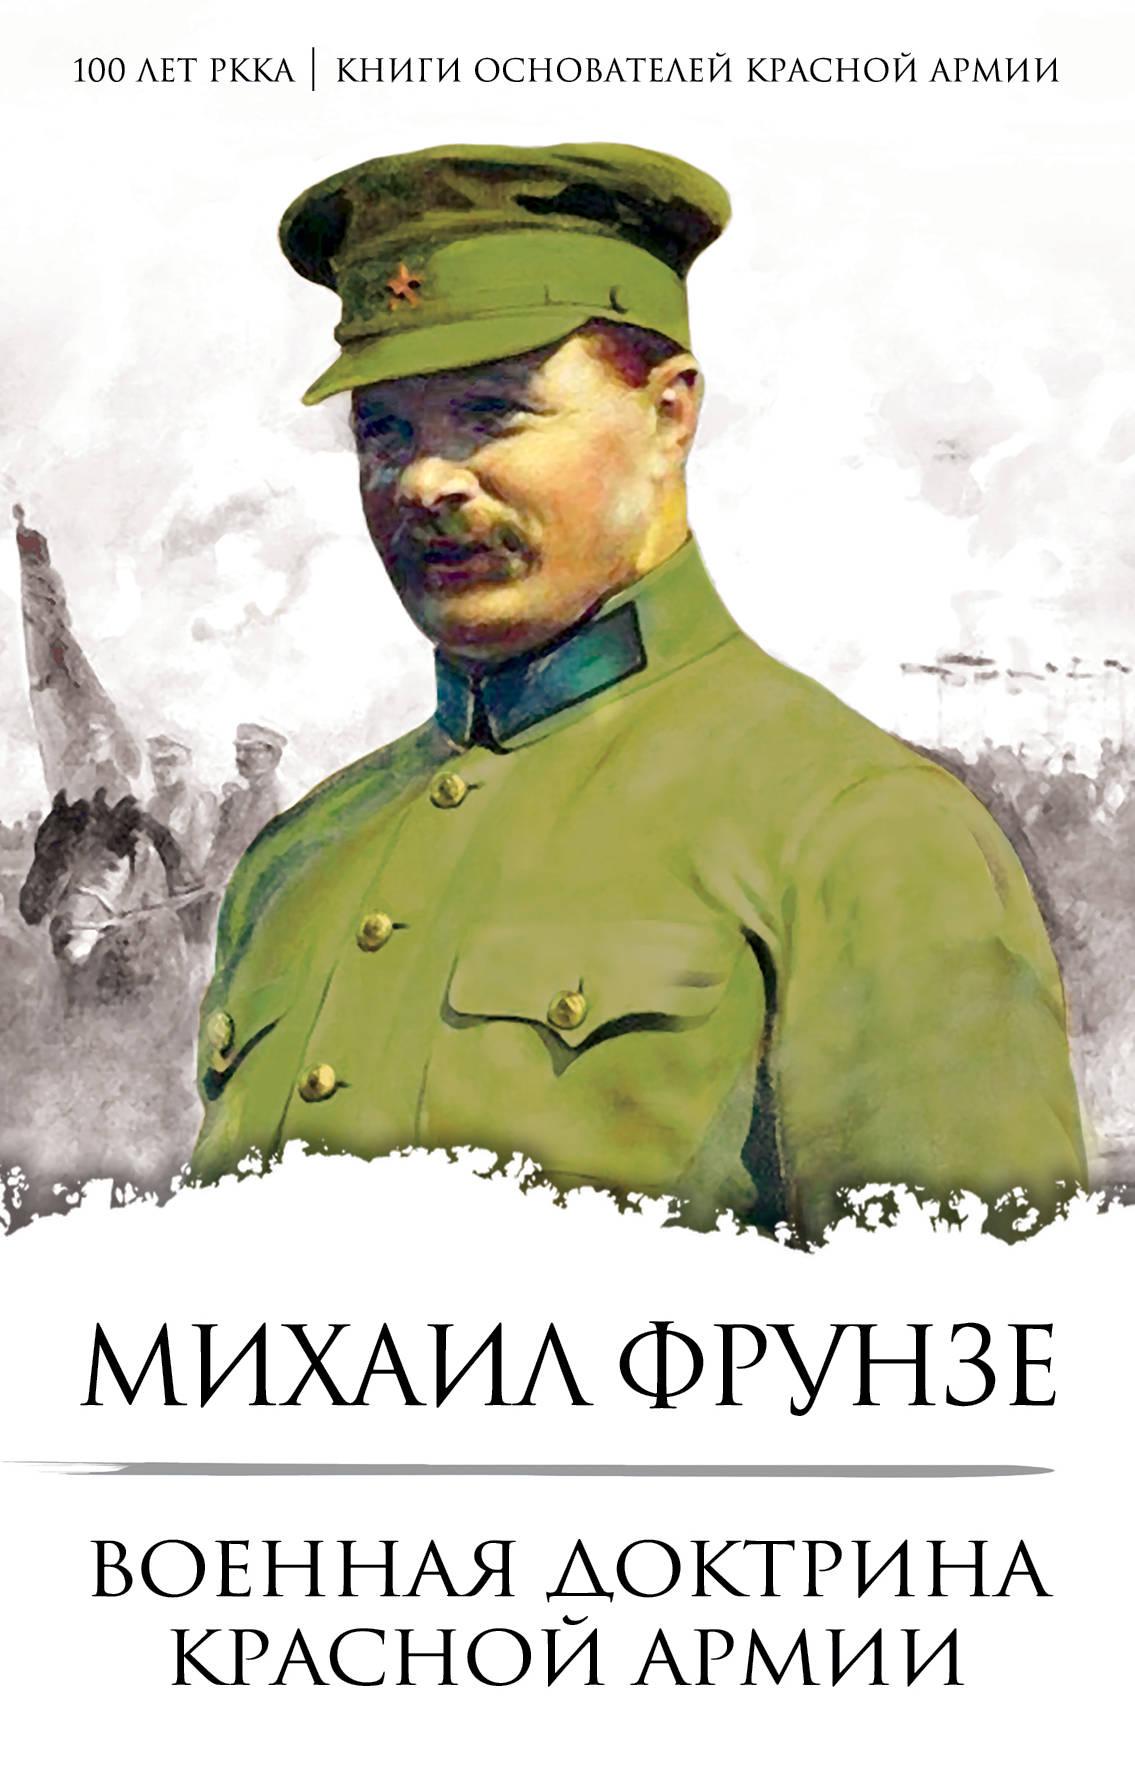 Фрунзе Михаил Васильевич Военная доктрина Красной Армии ISBN: 978-5-907024-21-2